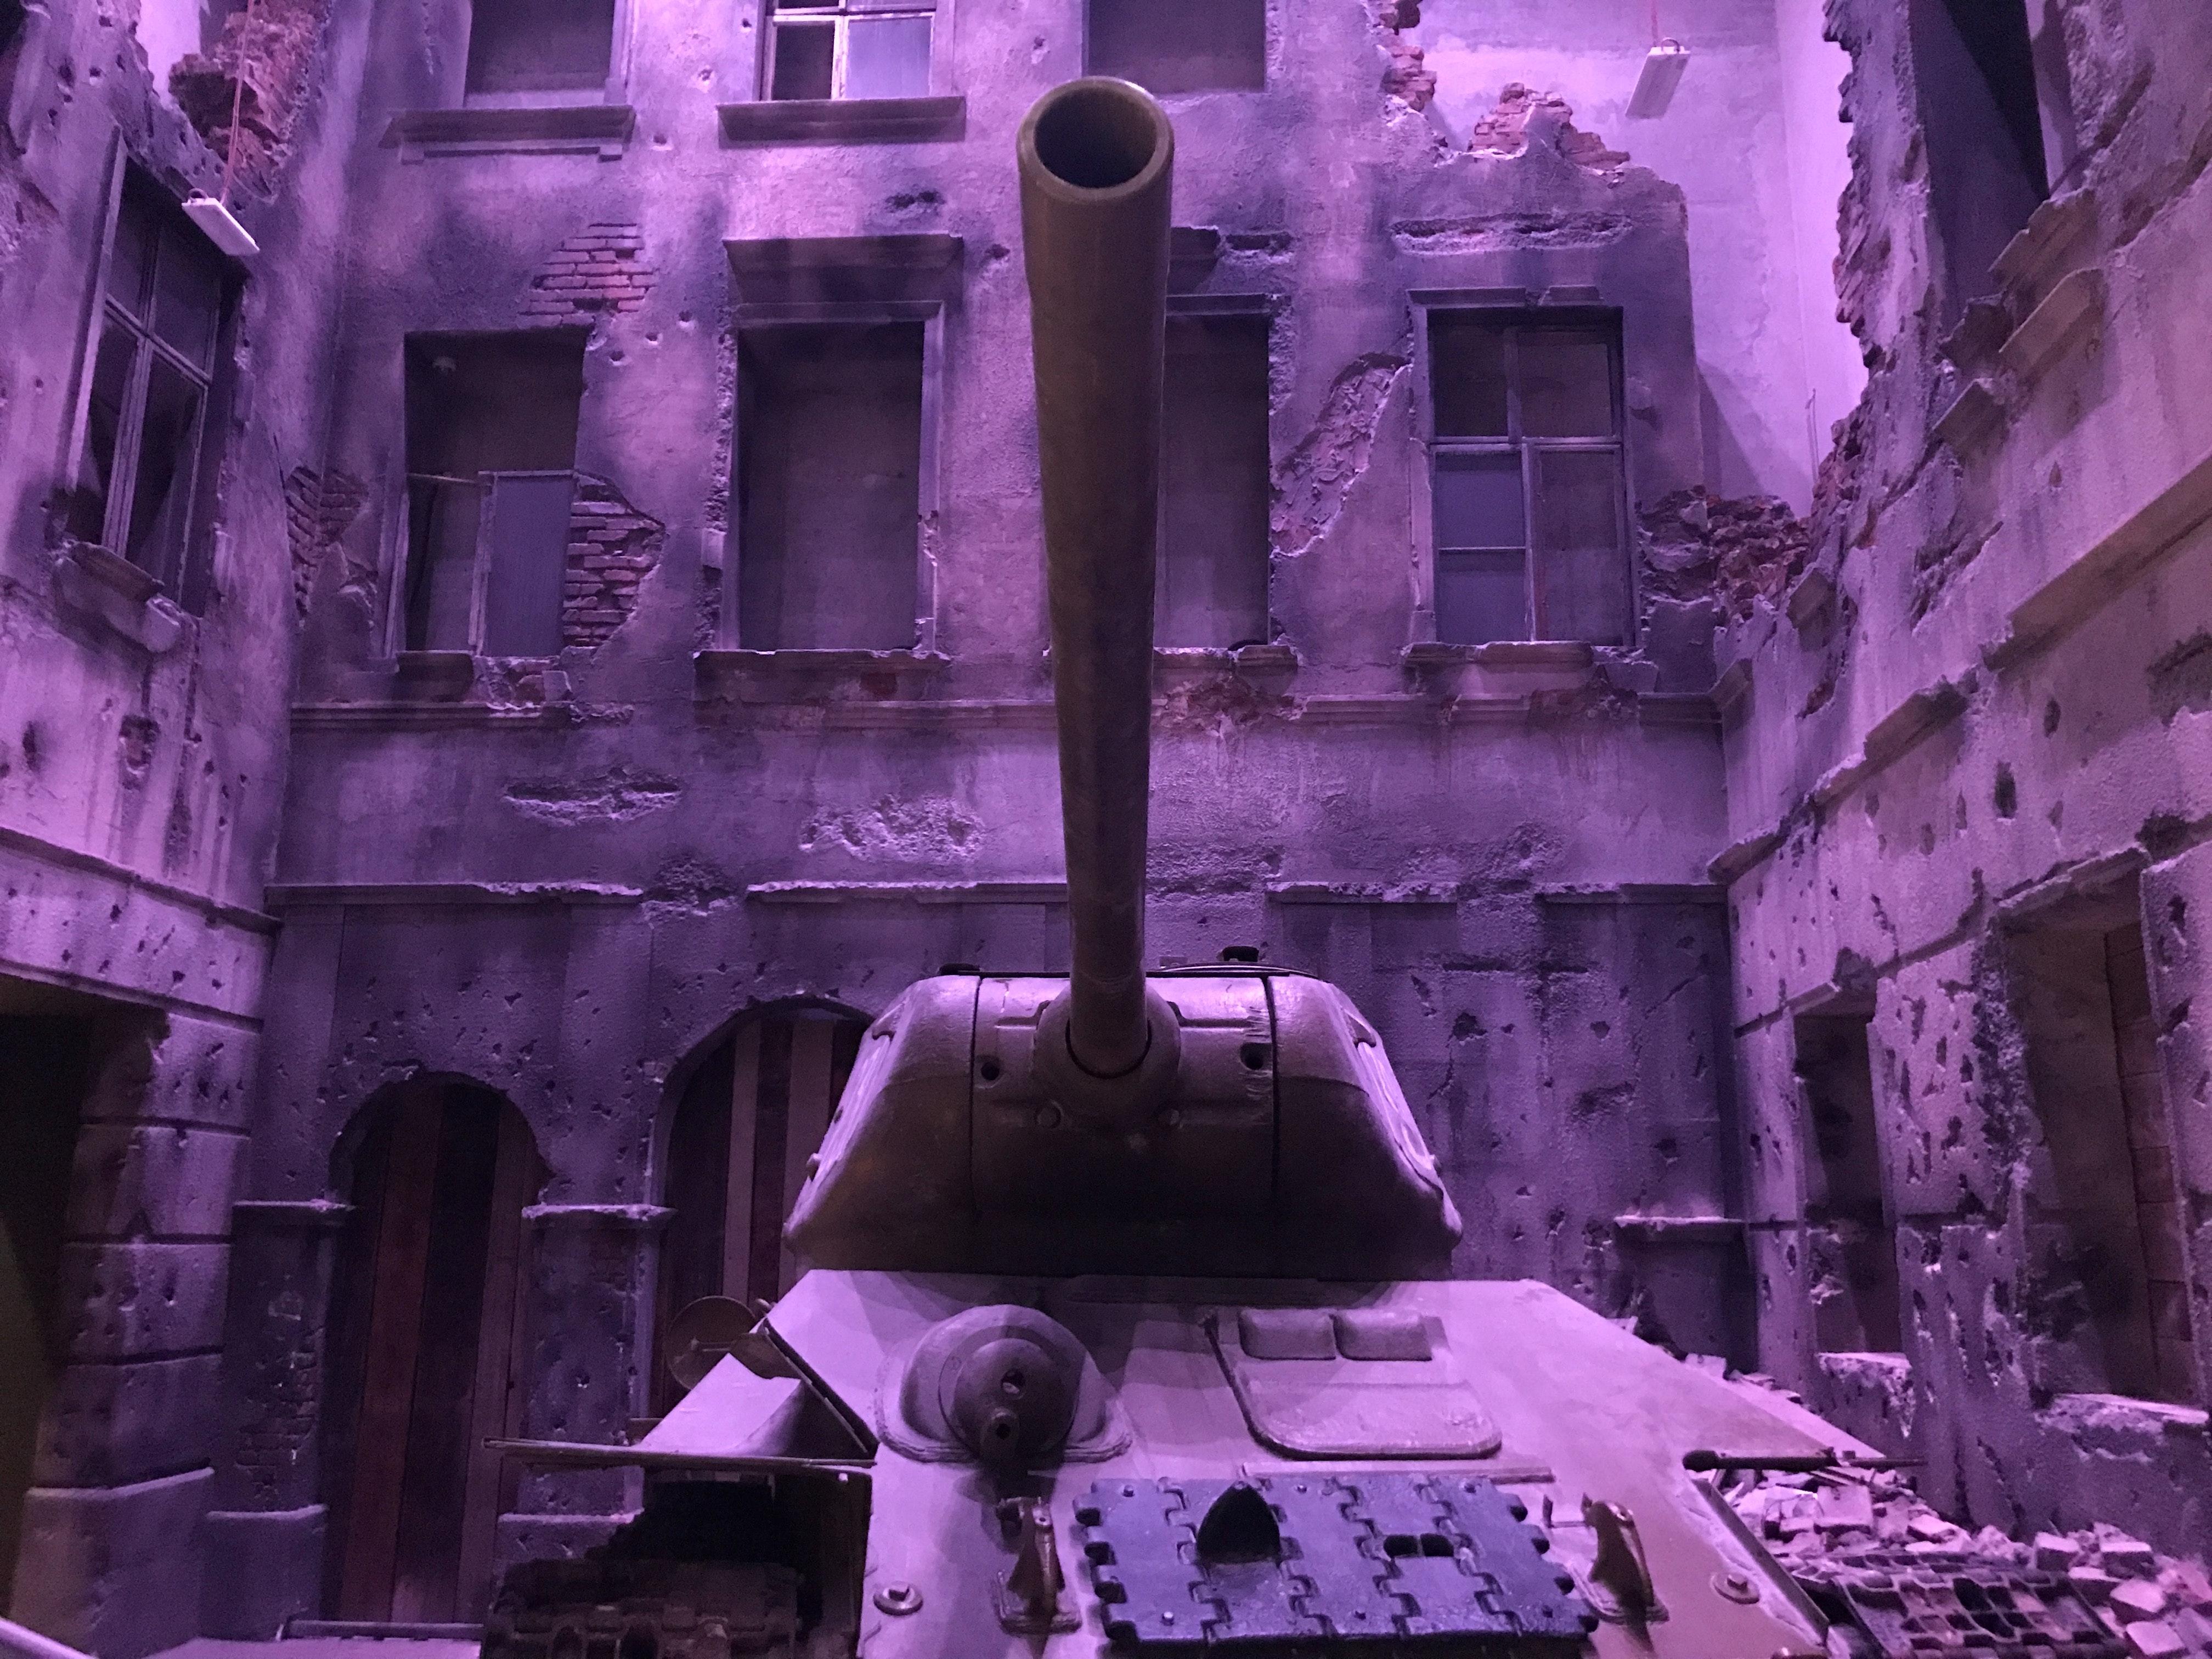 Battle tank near concrete structures photo